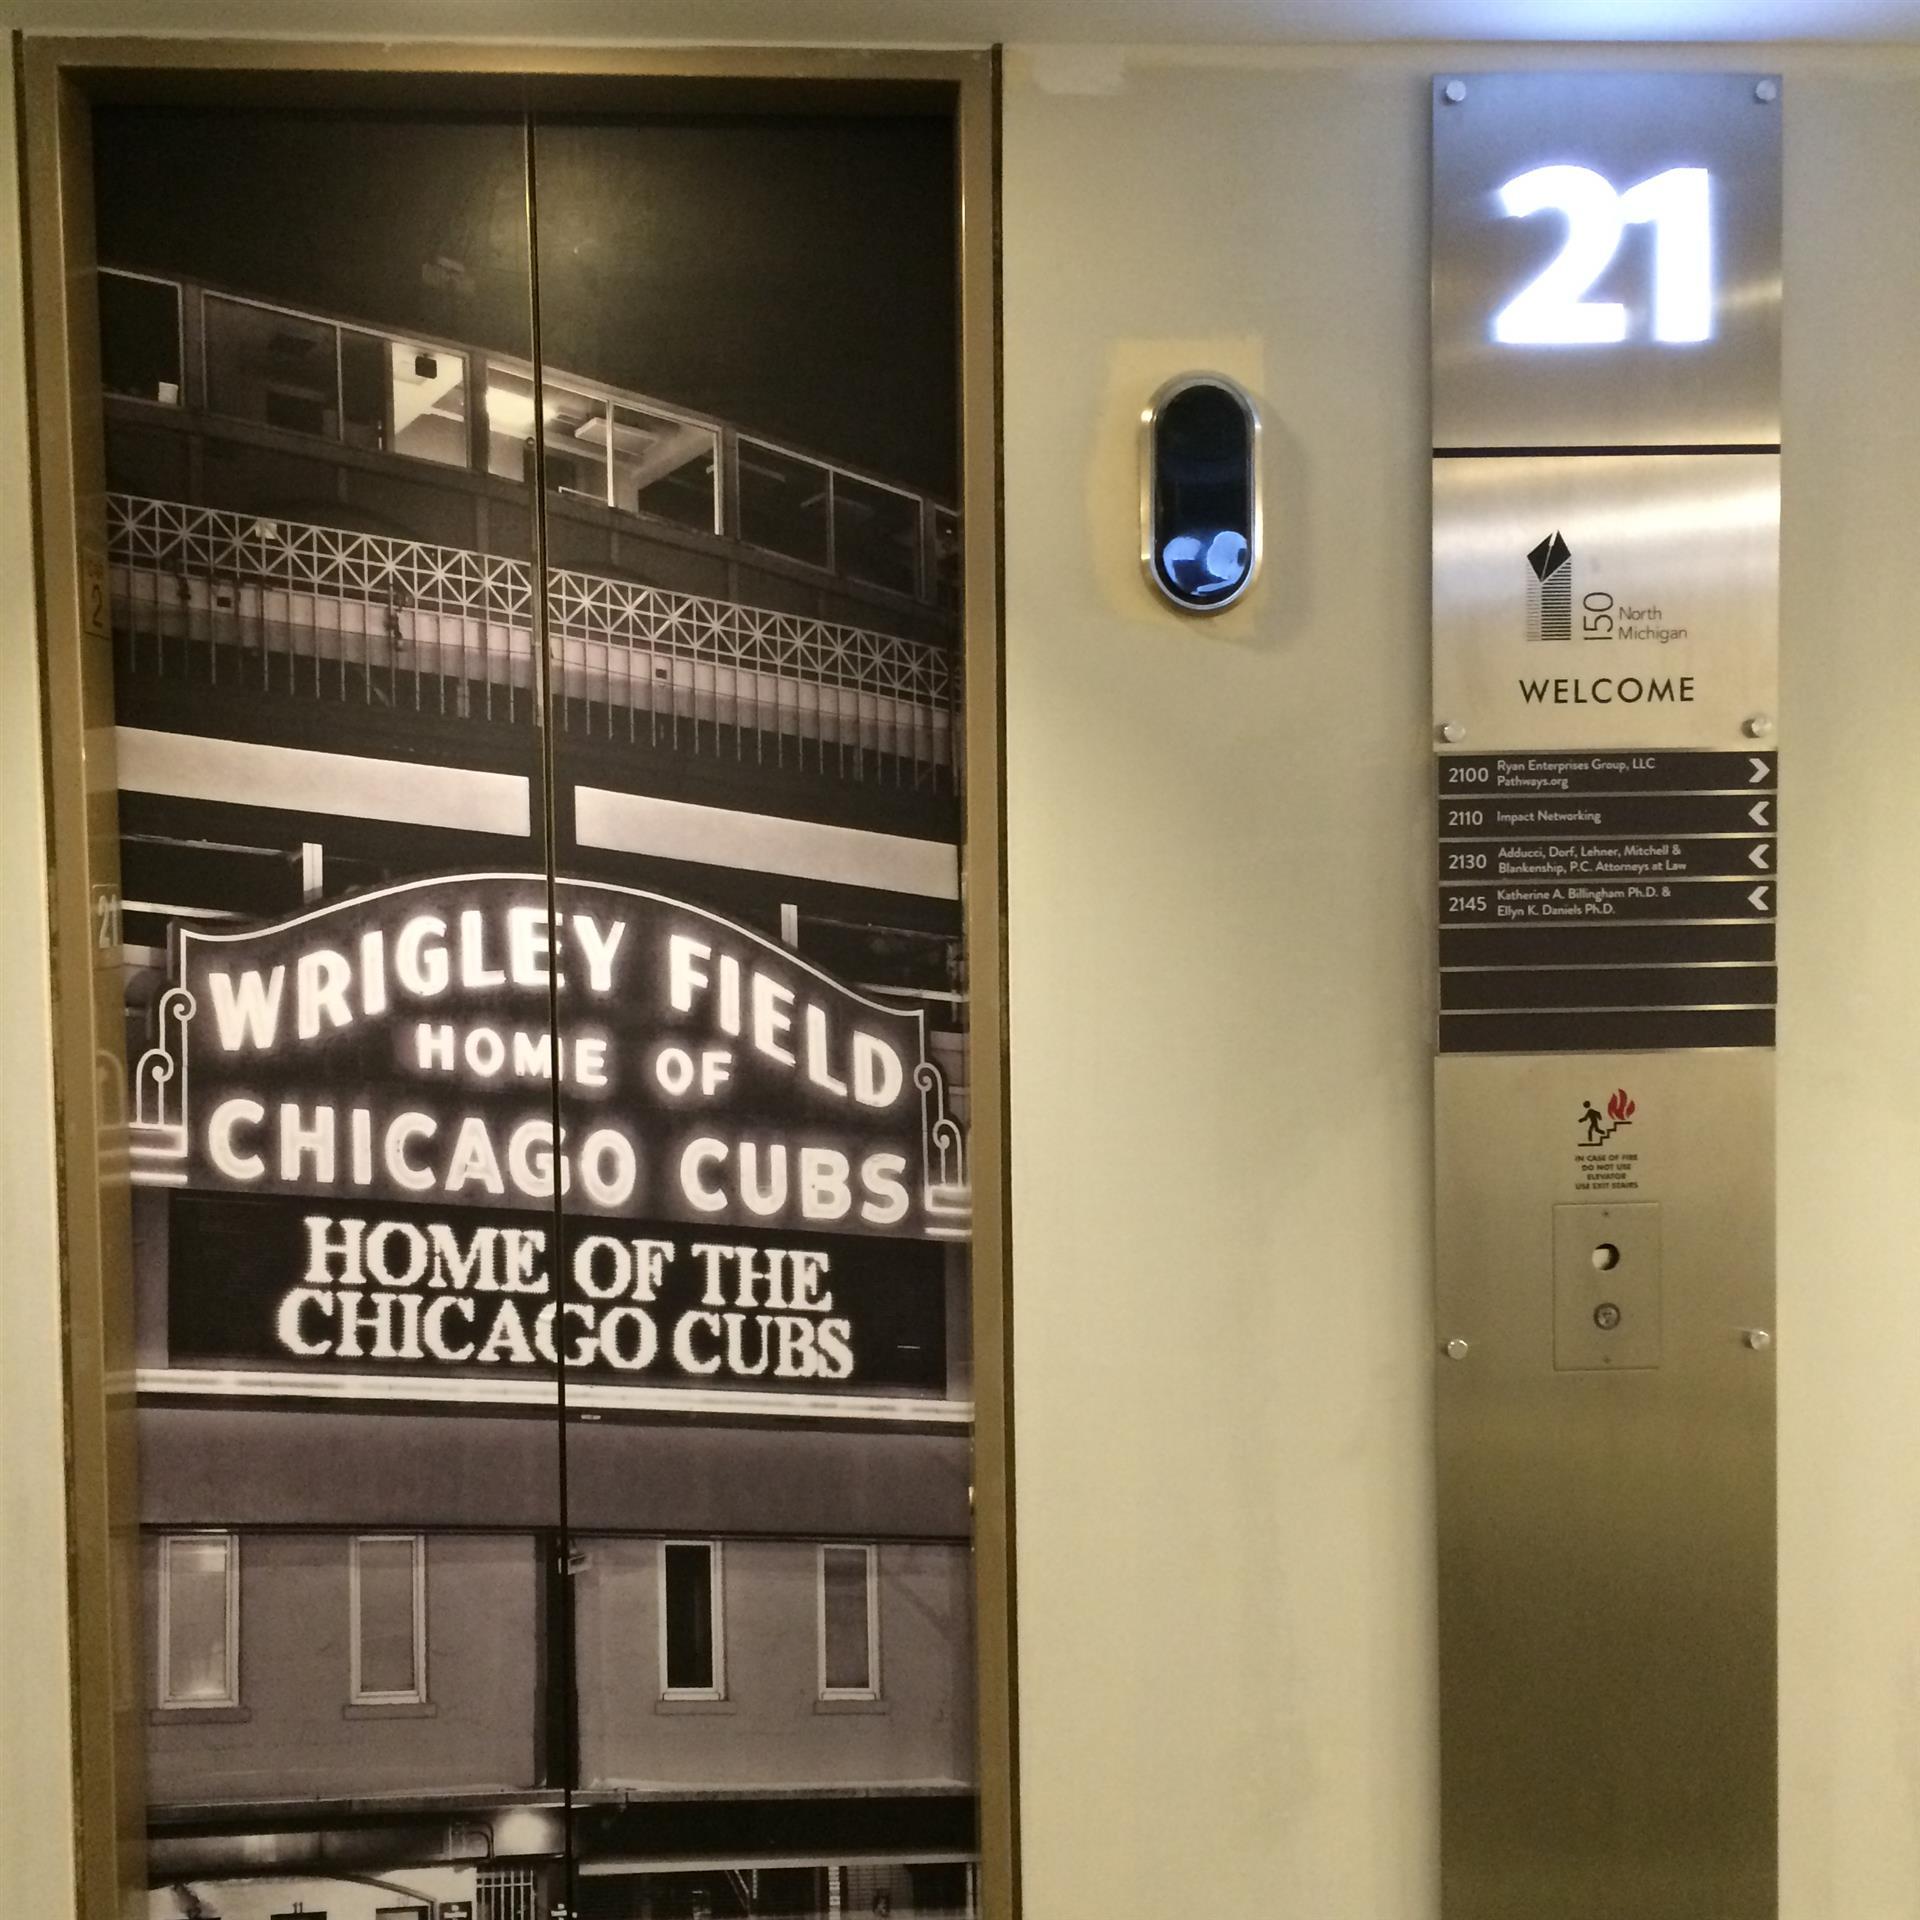 Wrigley Field Elevator Wrap